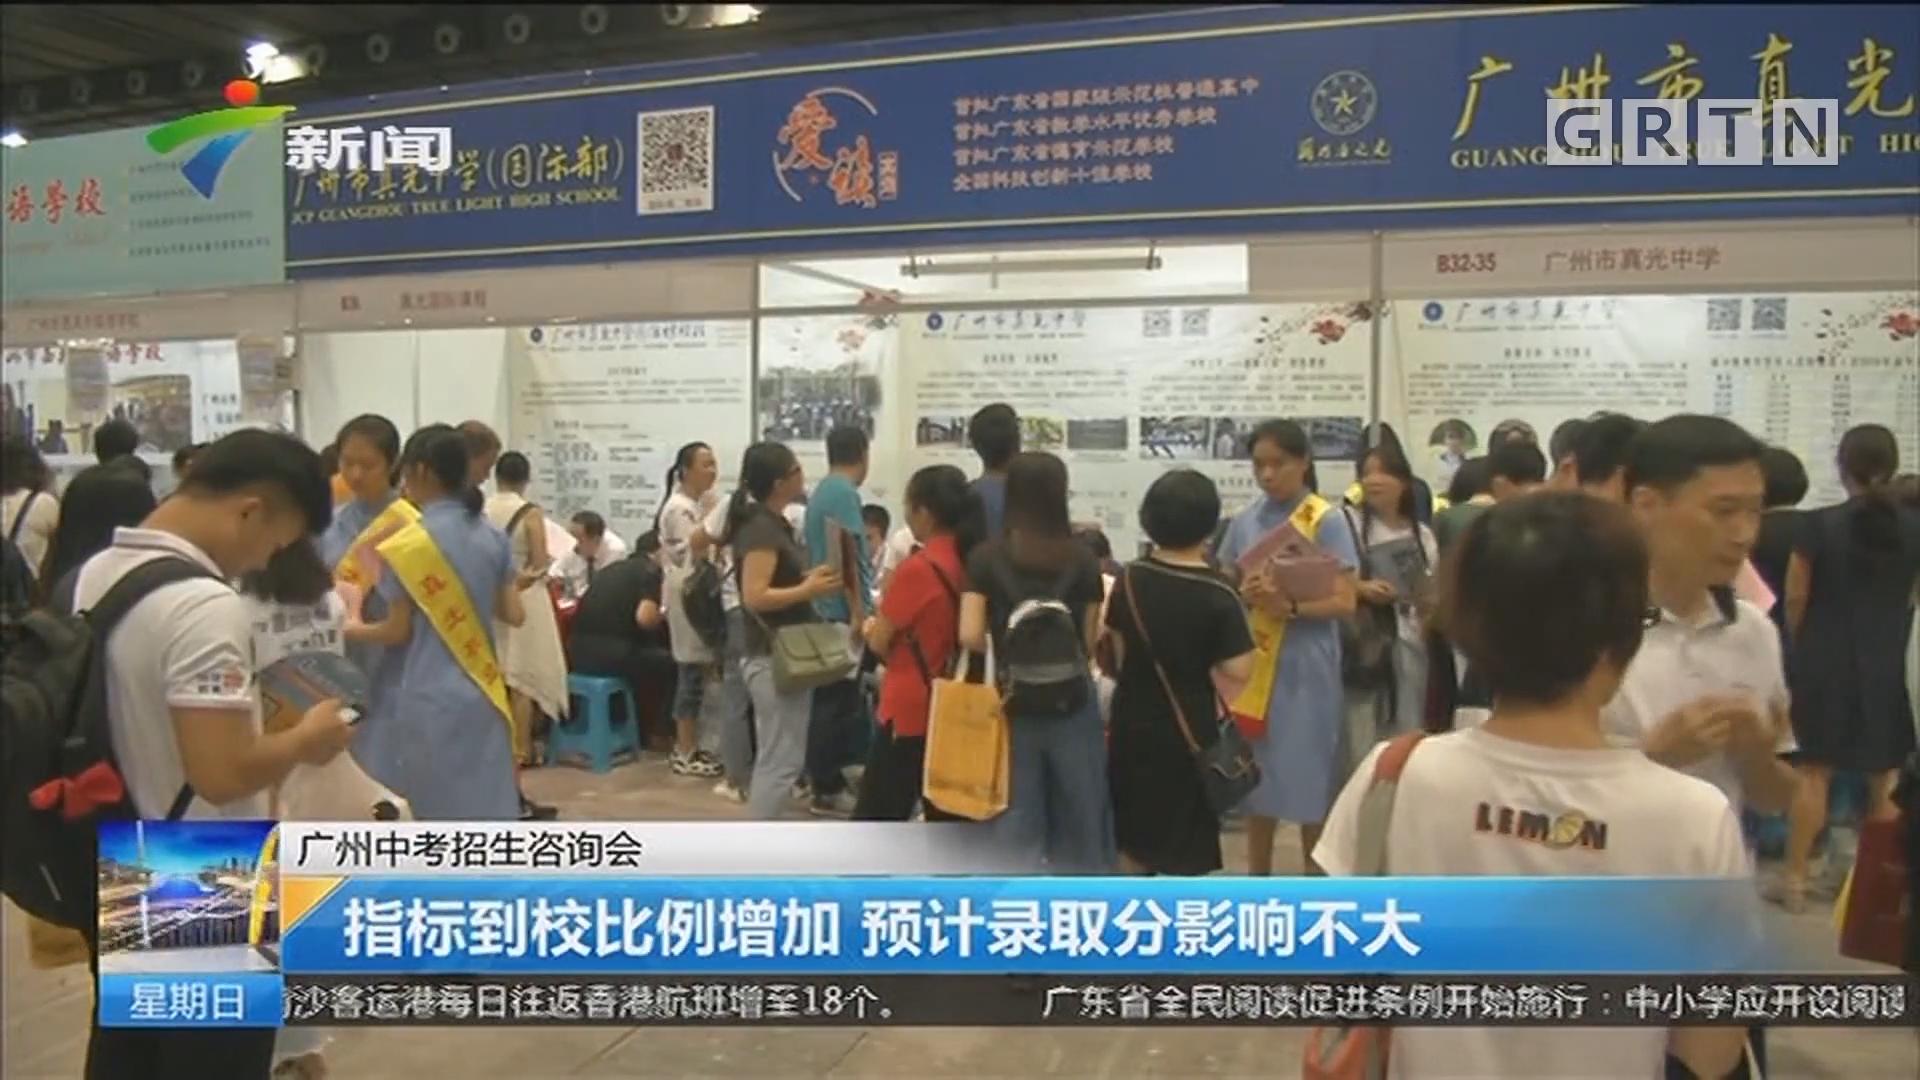 广州中考招生咨询会:指标到校比例增加 预计录取分影响不大